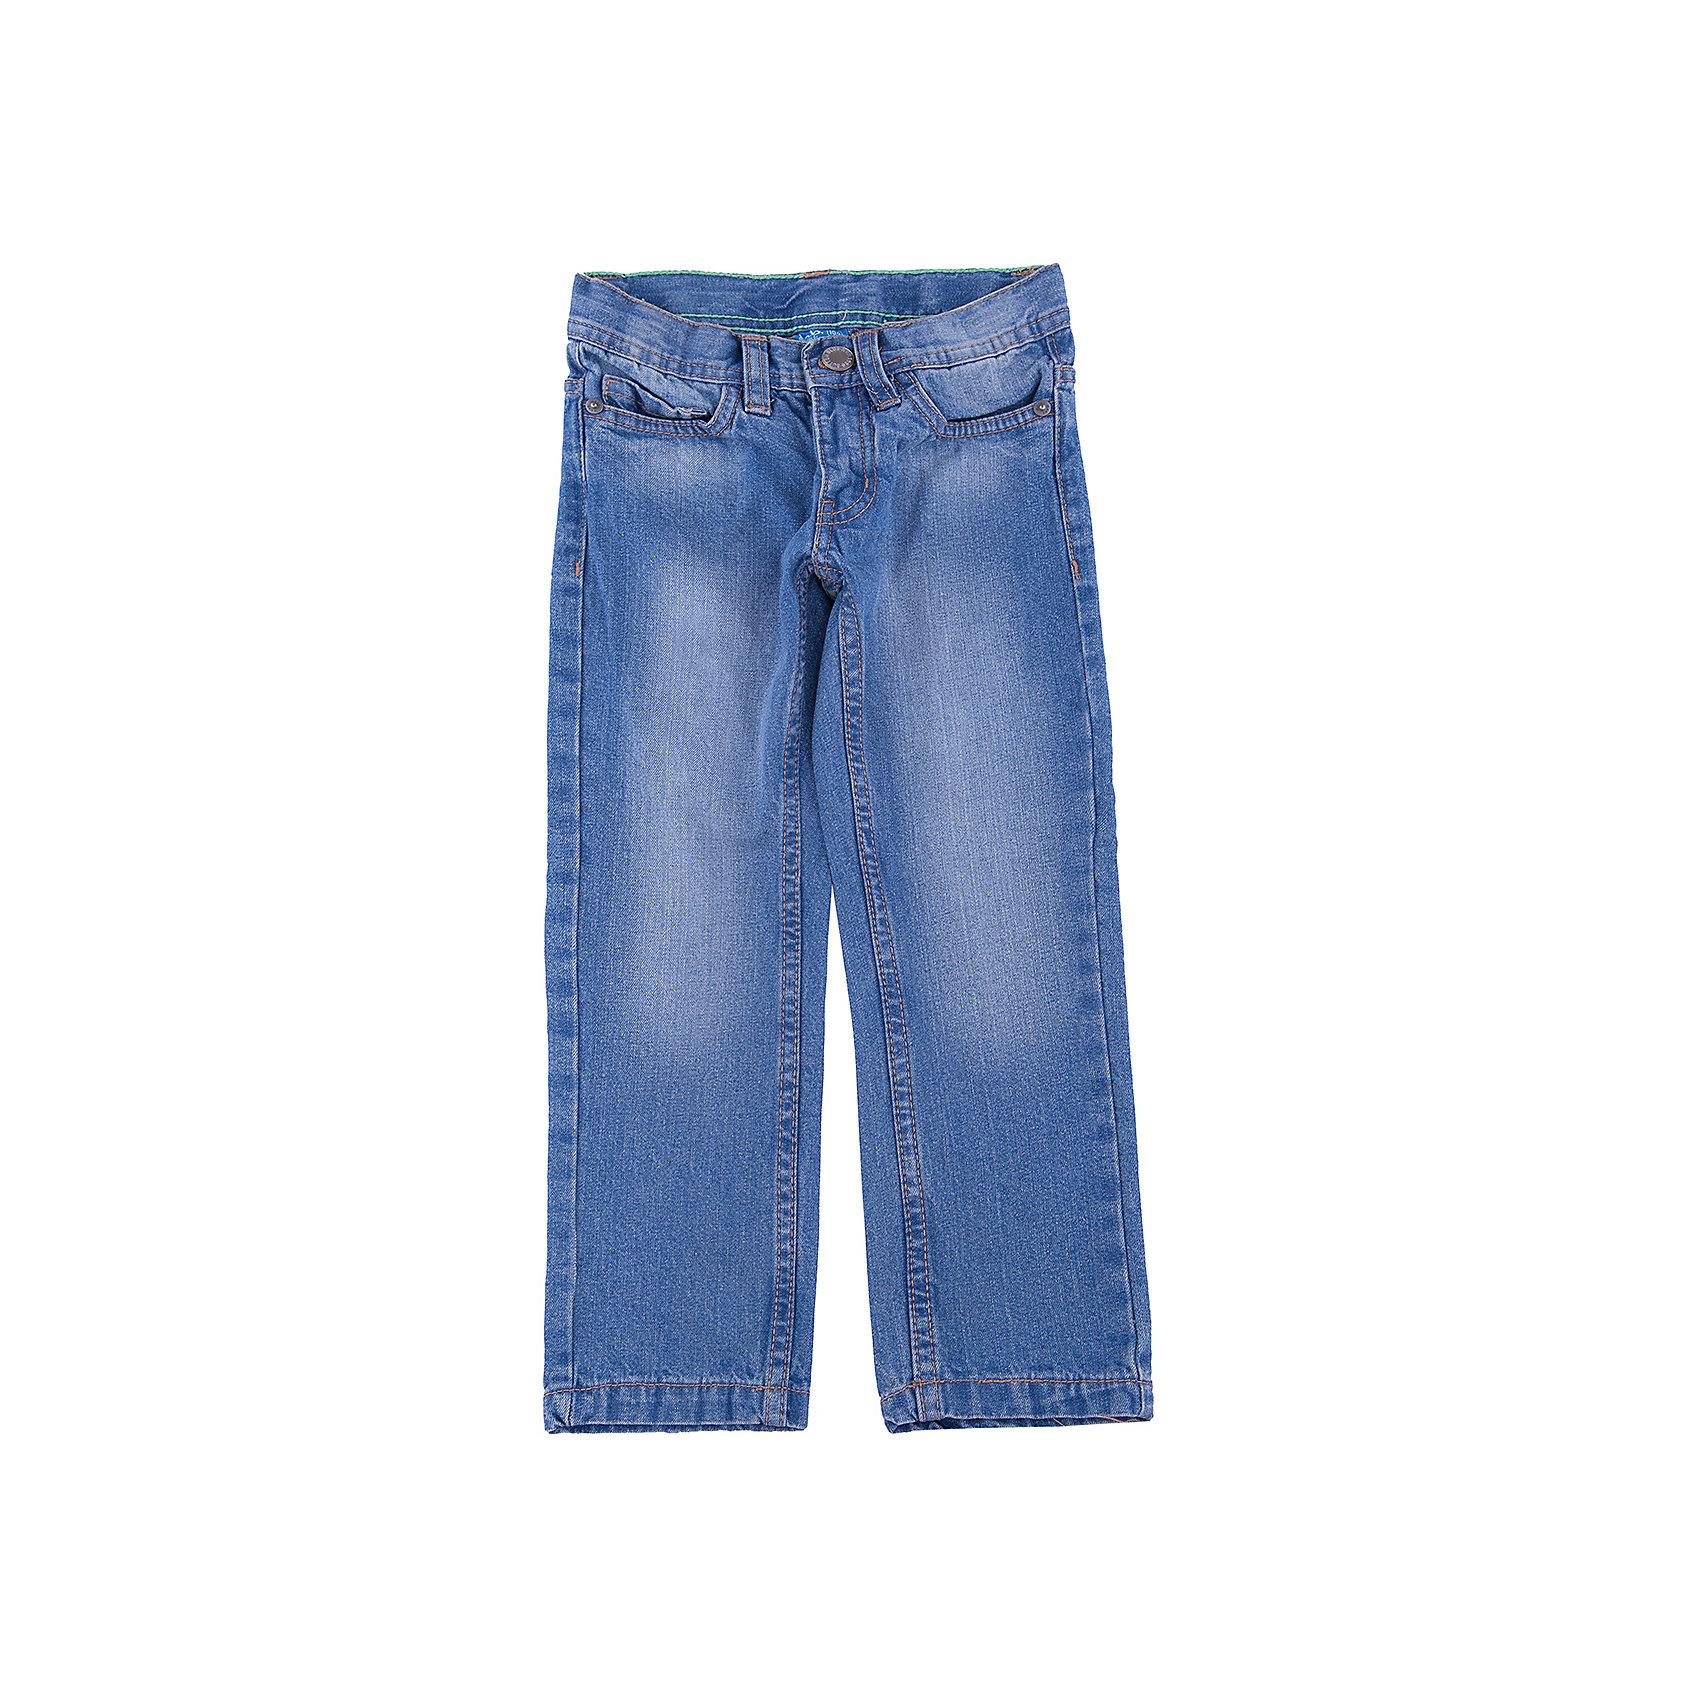 Брюки для мальчика Button BlueКлассные голубые джинсы с потертостями и варкой — залог хорошего настроения! Модный силуэт, удобная посадка на фигуре подарят мальчику комфорт и свободу движений. Отличное качество и доступная цена прилагаются! Купить детские джинсы Button Blue, значит, купить классные джинсы недорого и быть в тренде!<br>Состав:<br>100% хлопок<br><br>Ширина мм: 215<br>Глубина мм: 88<br>Высота мм: 191<br>Вес г: 336<br>Цвет: синий<br>Возраст от месяцев: 24<br>Возраст до месяцев: 36<br>Пол: Мужской<br>Возраст: Детский<br>Размер: 128,104,116,140,110,158,134,98,152,146,122<br>SKU: 4509980